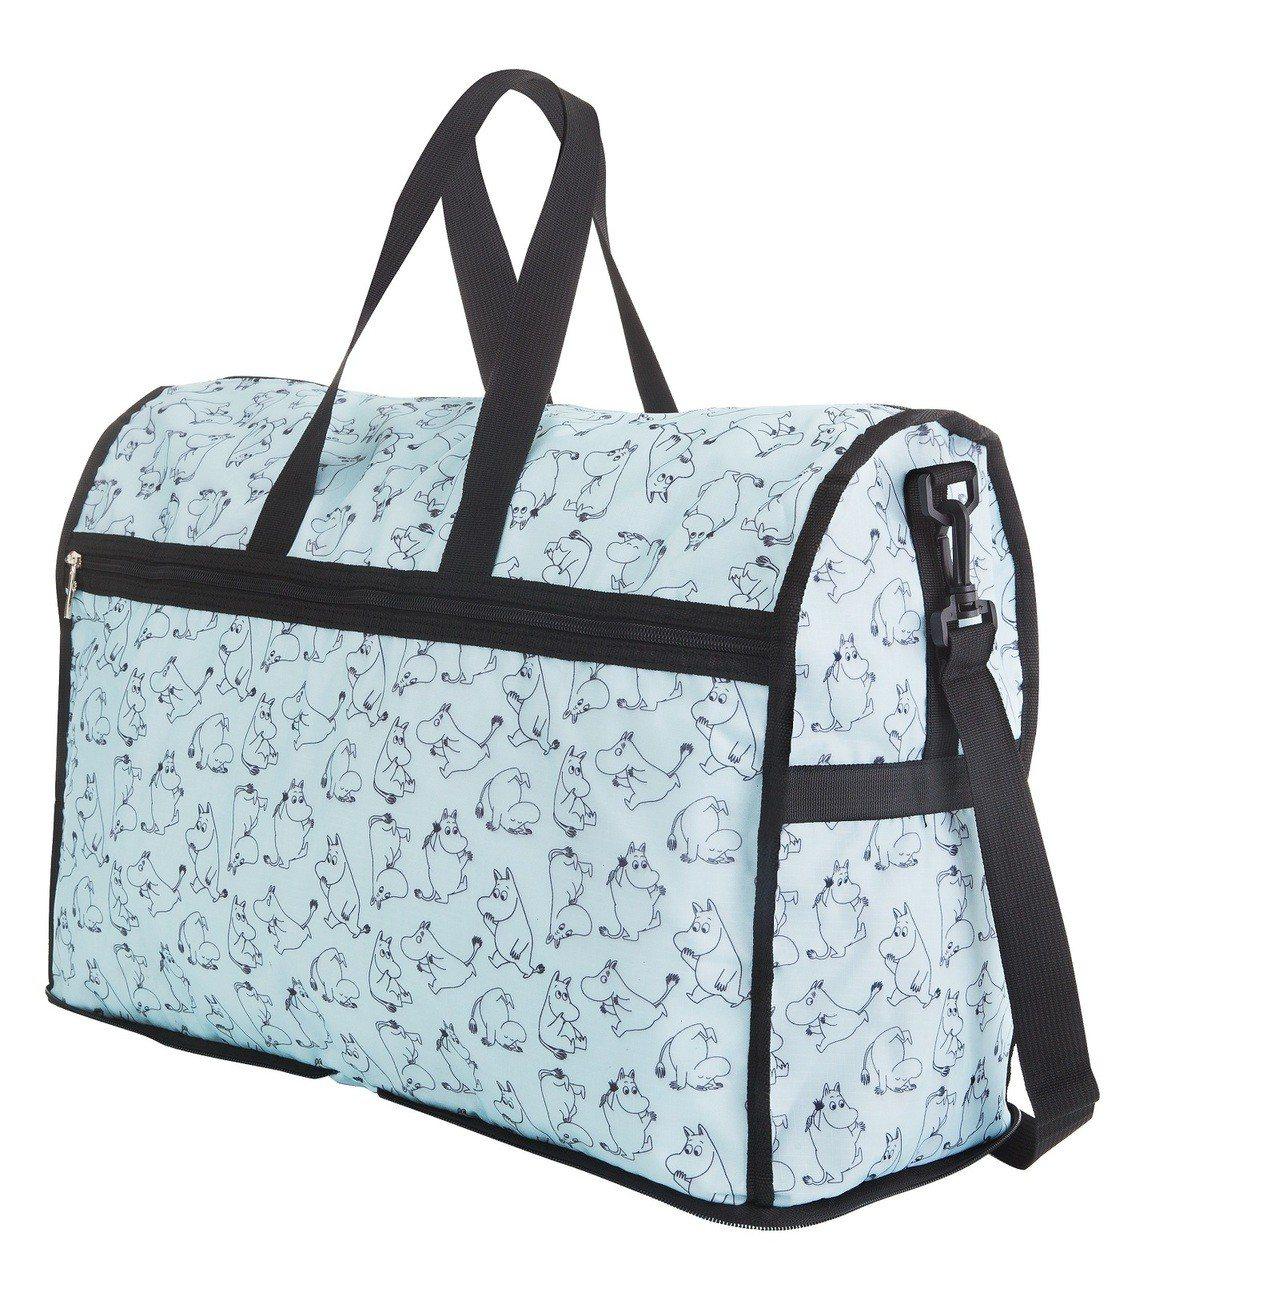 康是美MOOMIN超好裝旅行袋,8月8日至8月14日加購價249元。圖/康是美提...